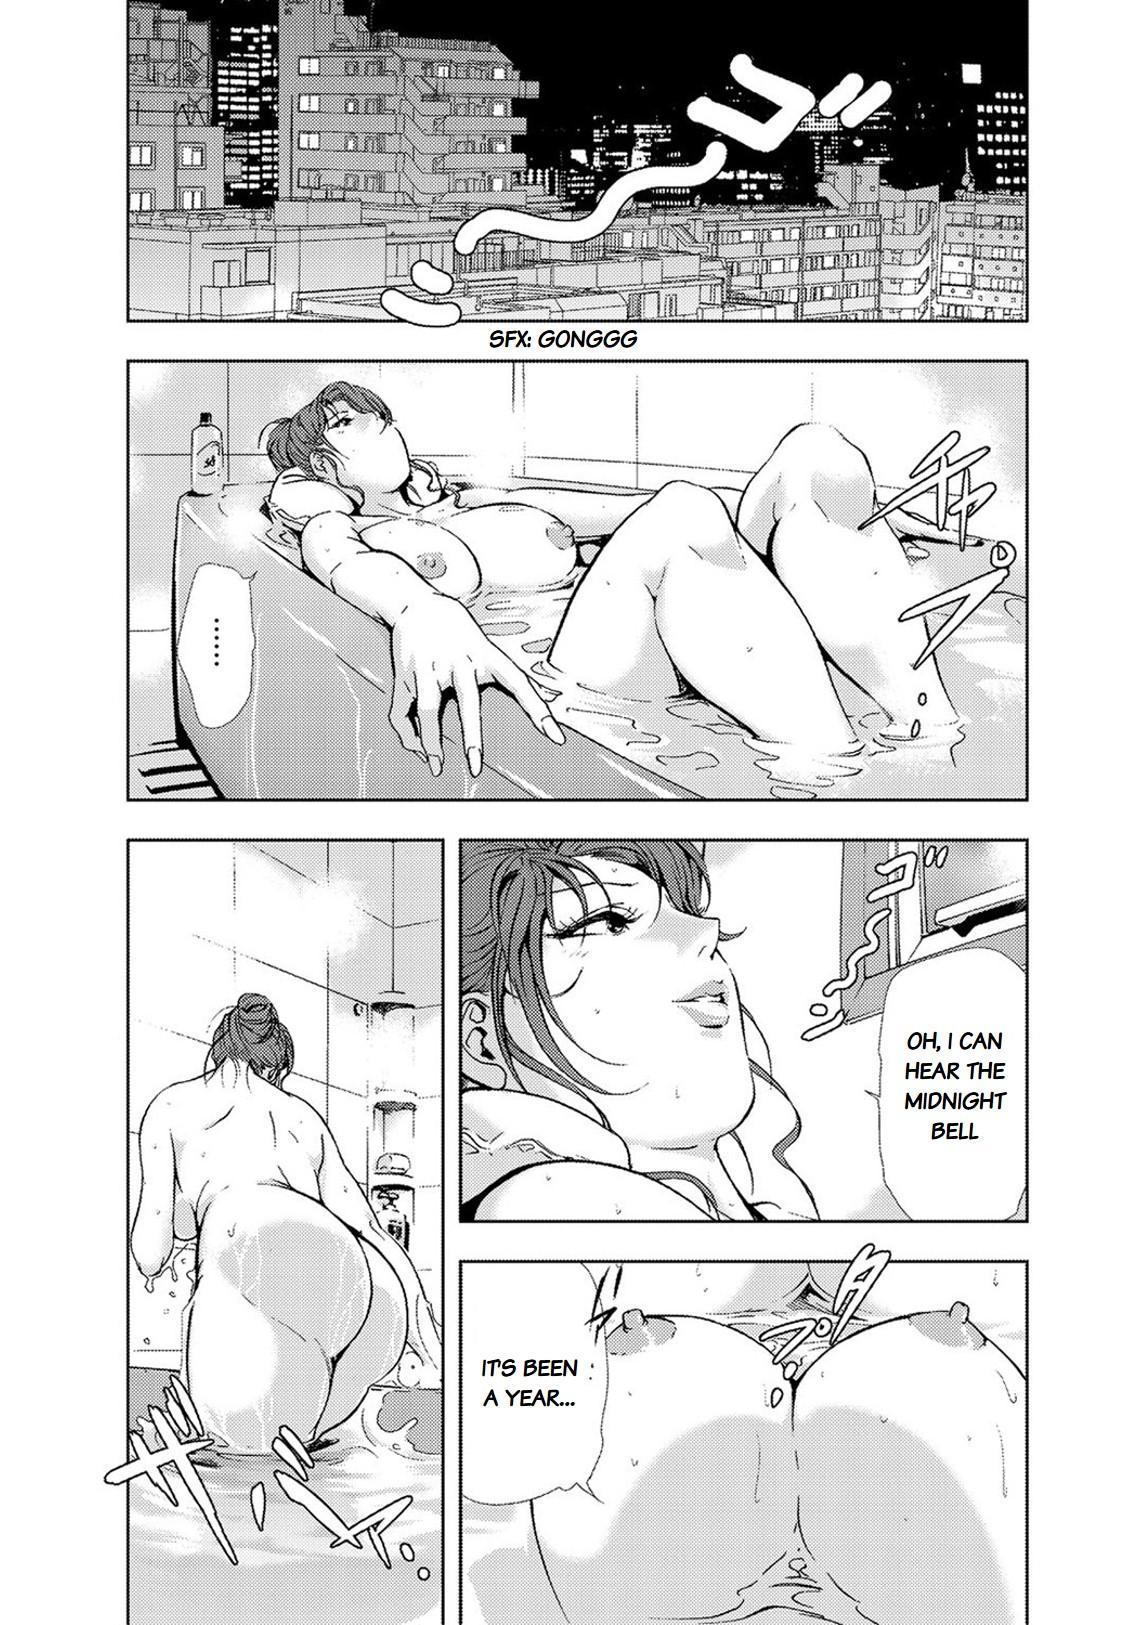 Nikuhisyo Yukiko chapter 17 2